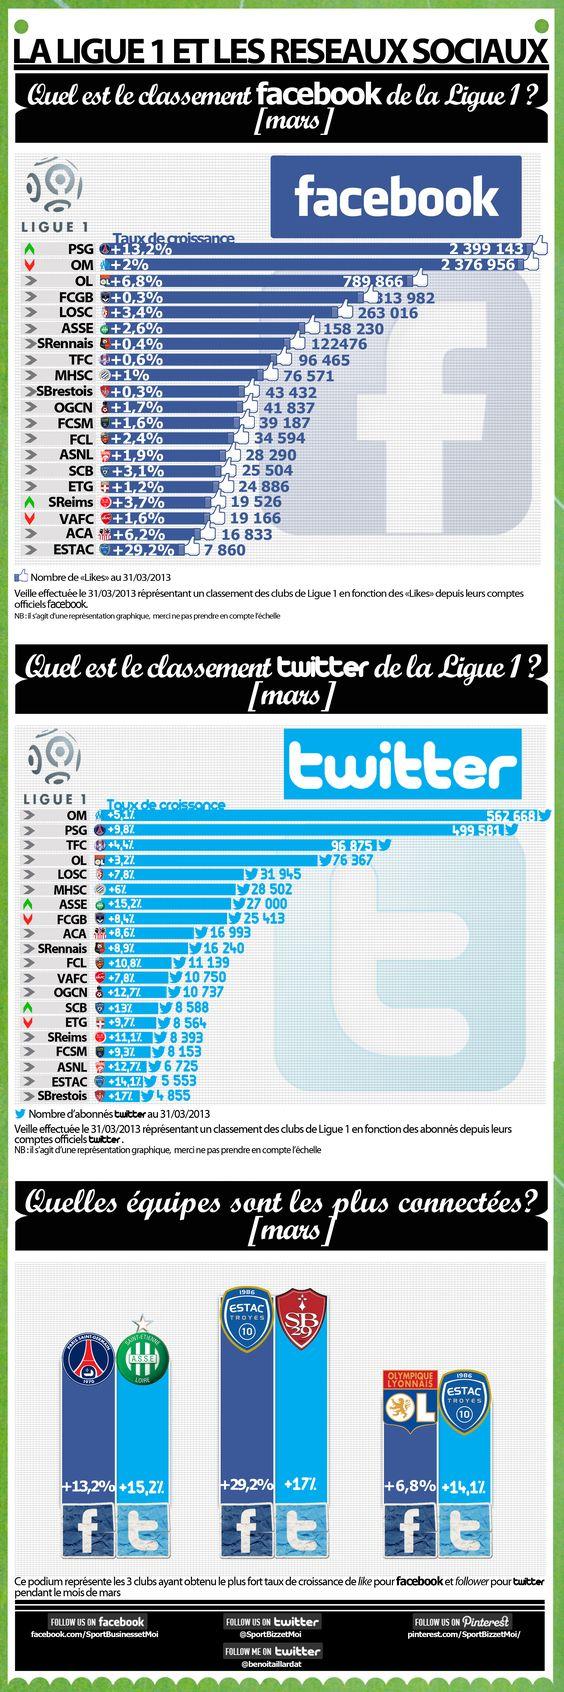 Social Network Ligue 1 french soccer league ranking // Classement mensuel des réseaux facebook et twitter de Ligue 1